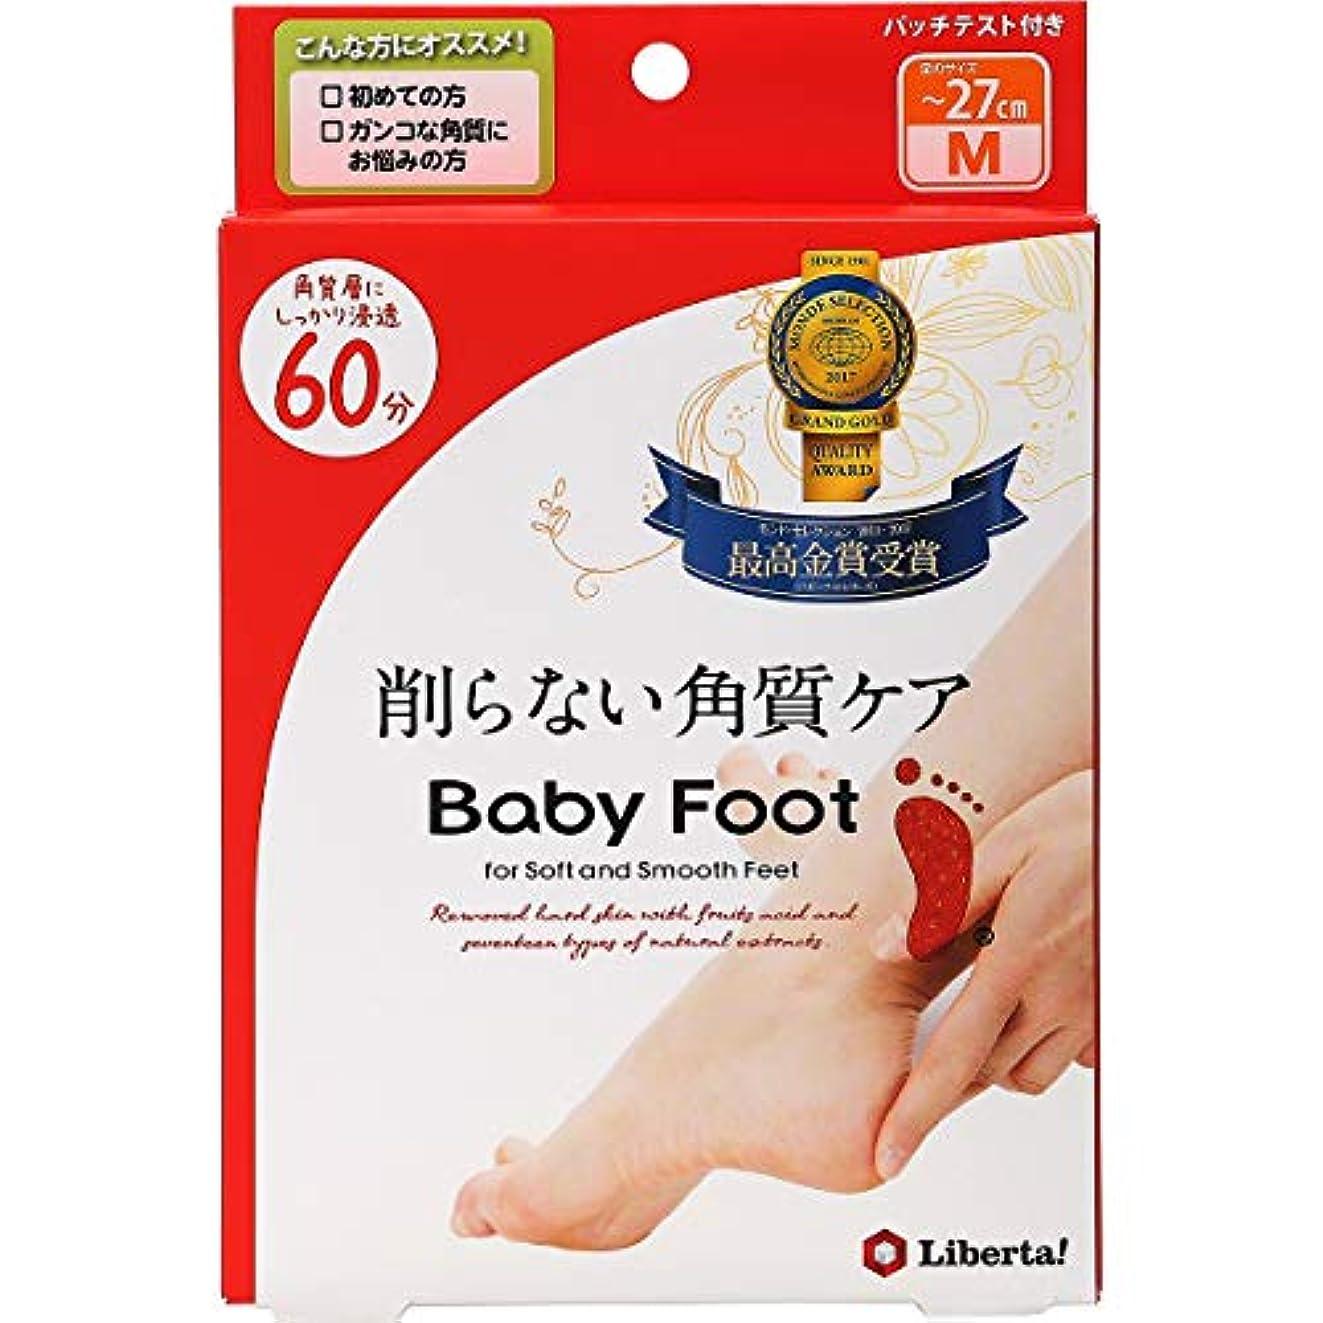 依存するブレーク軍ベビーフット (Baby Foot) ベビーフット イージーパック SPT60分タイプ Mサイズ 単品